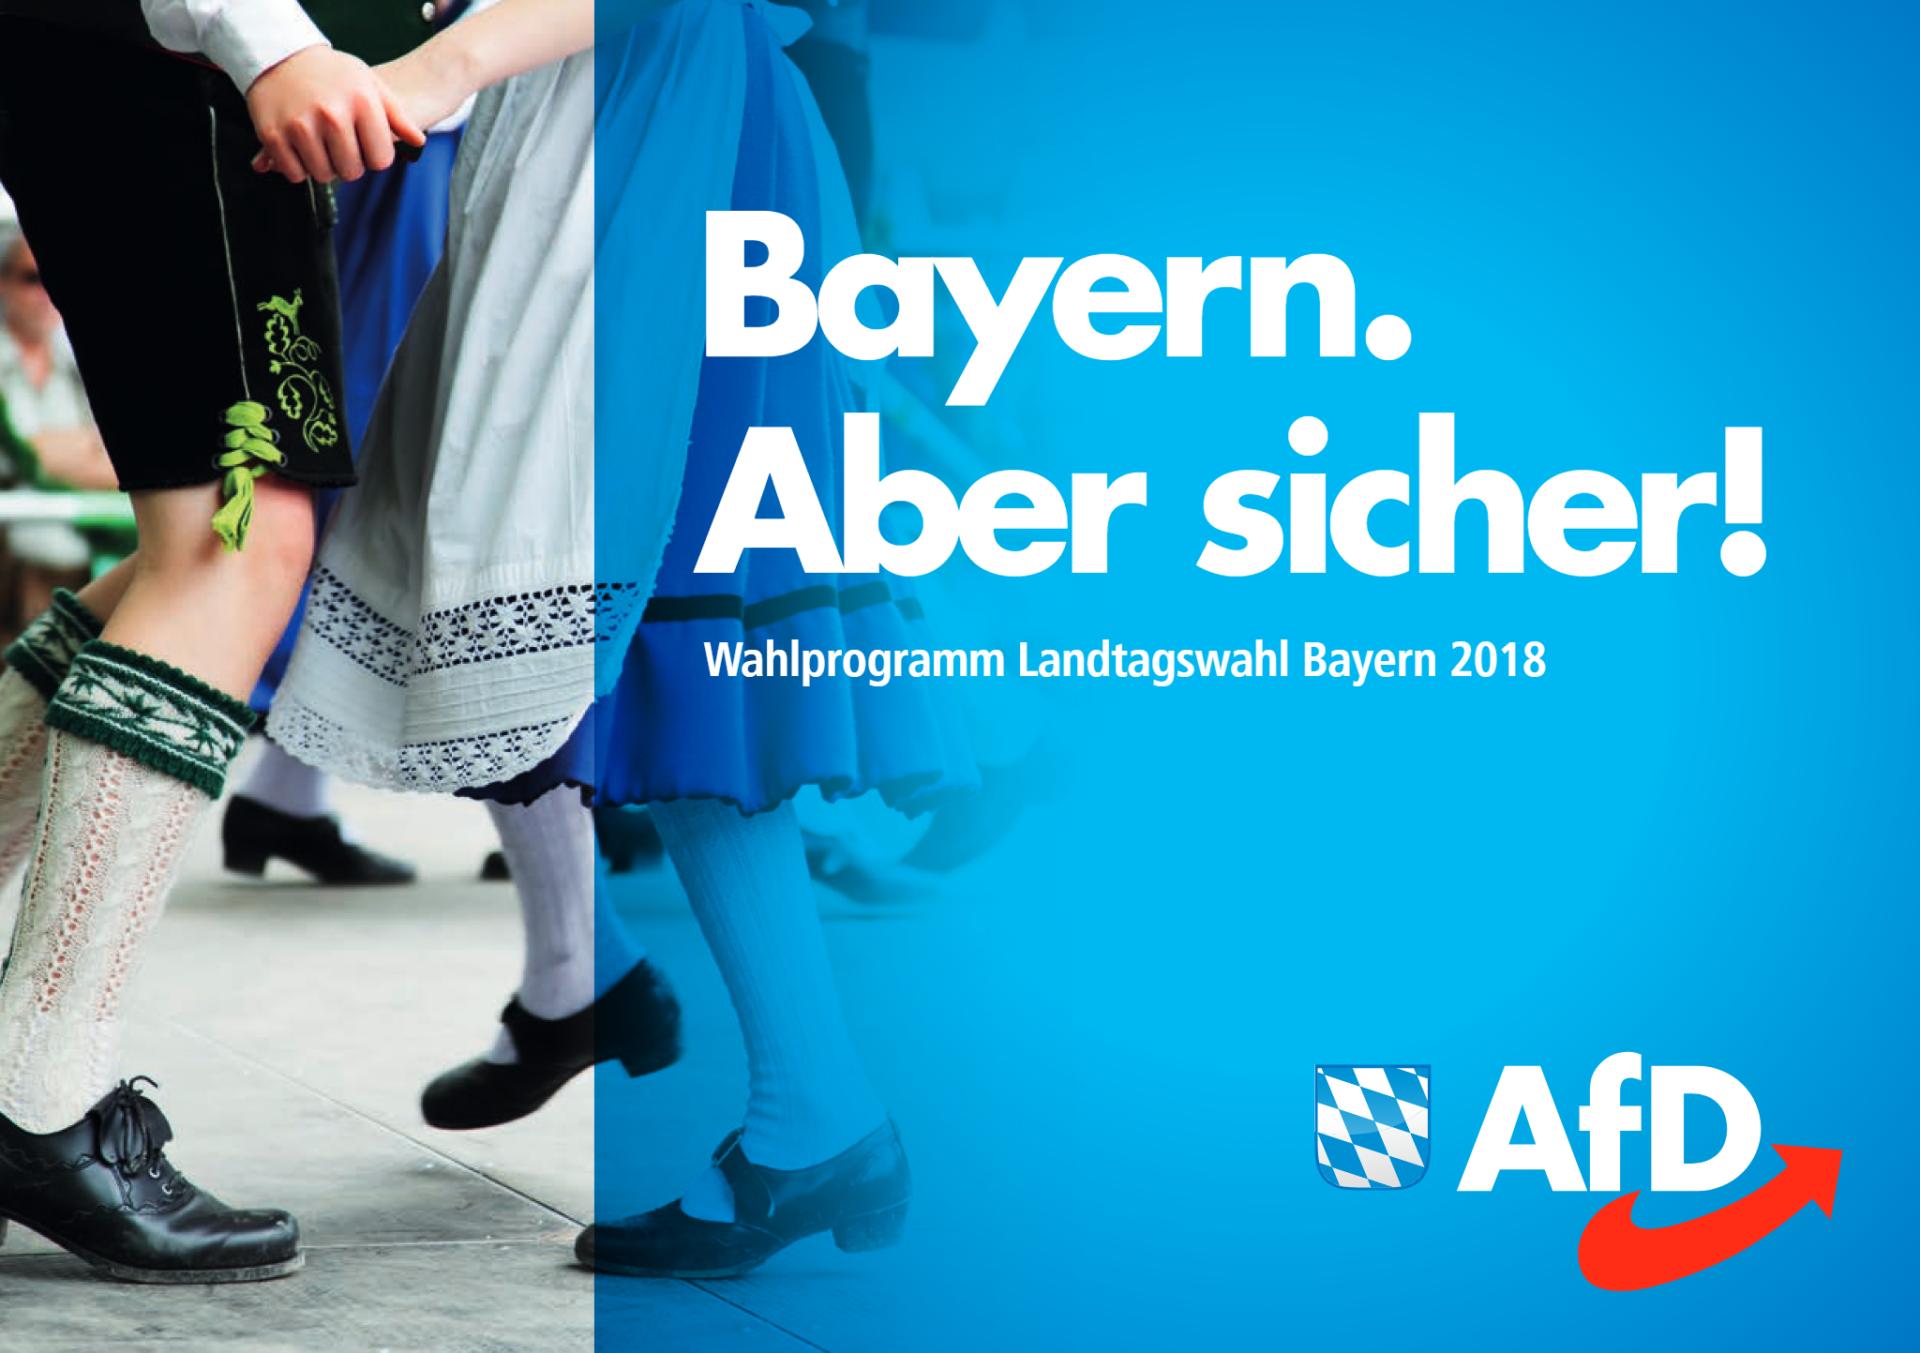 La Bavière. Mais sûre! Programme électoral pour les élections pour le Parlement de Bavière 2018.